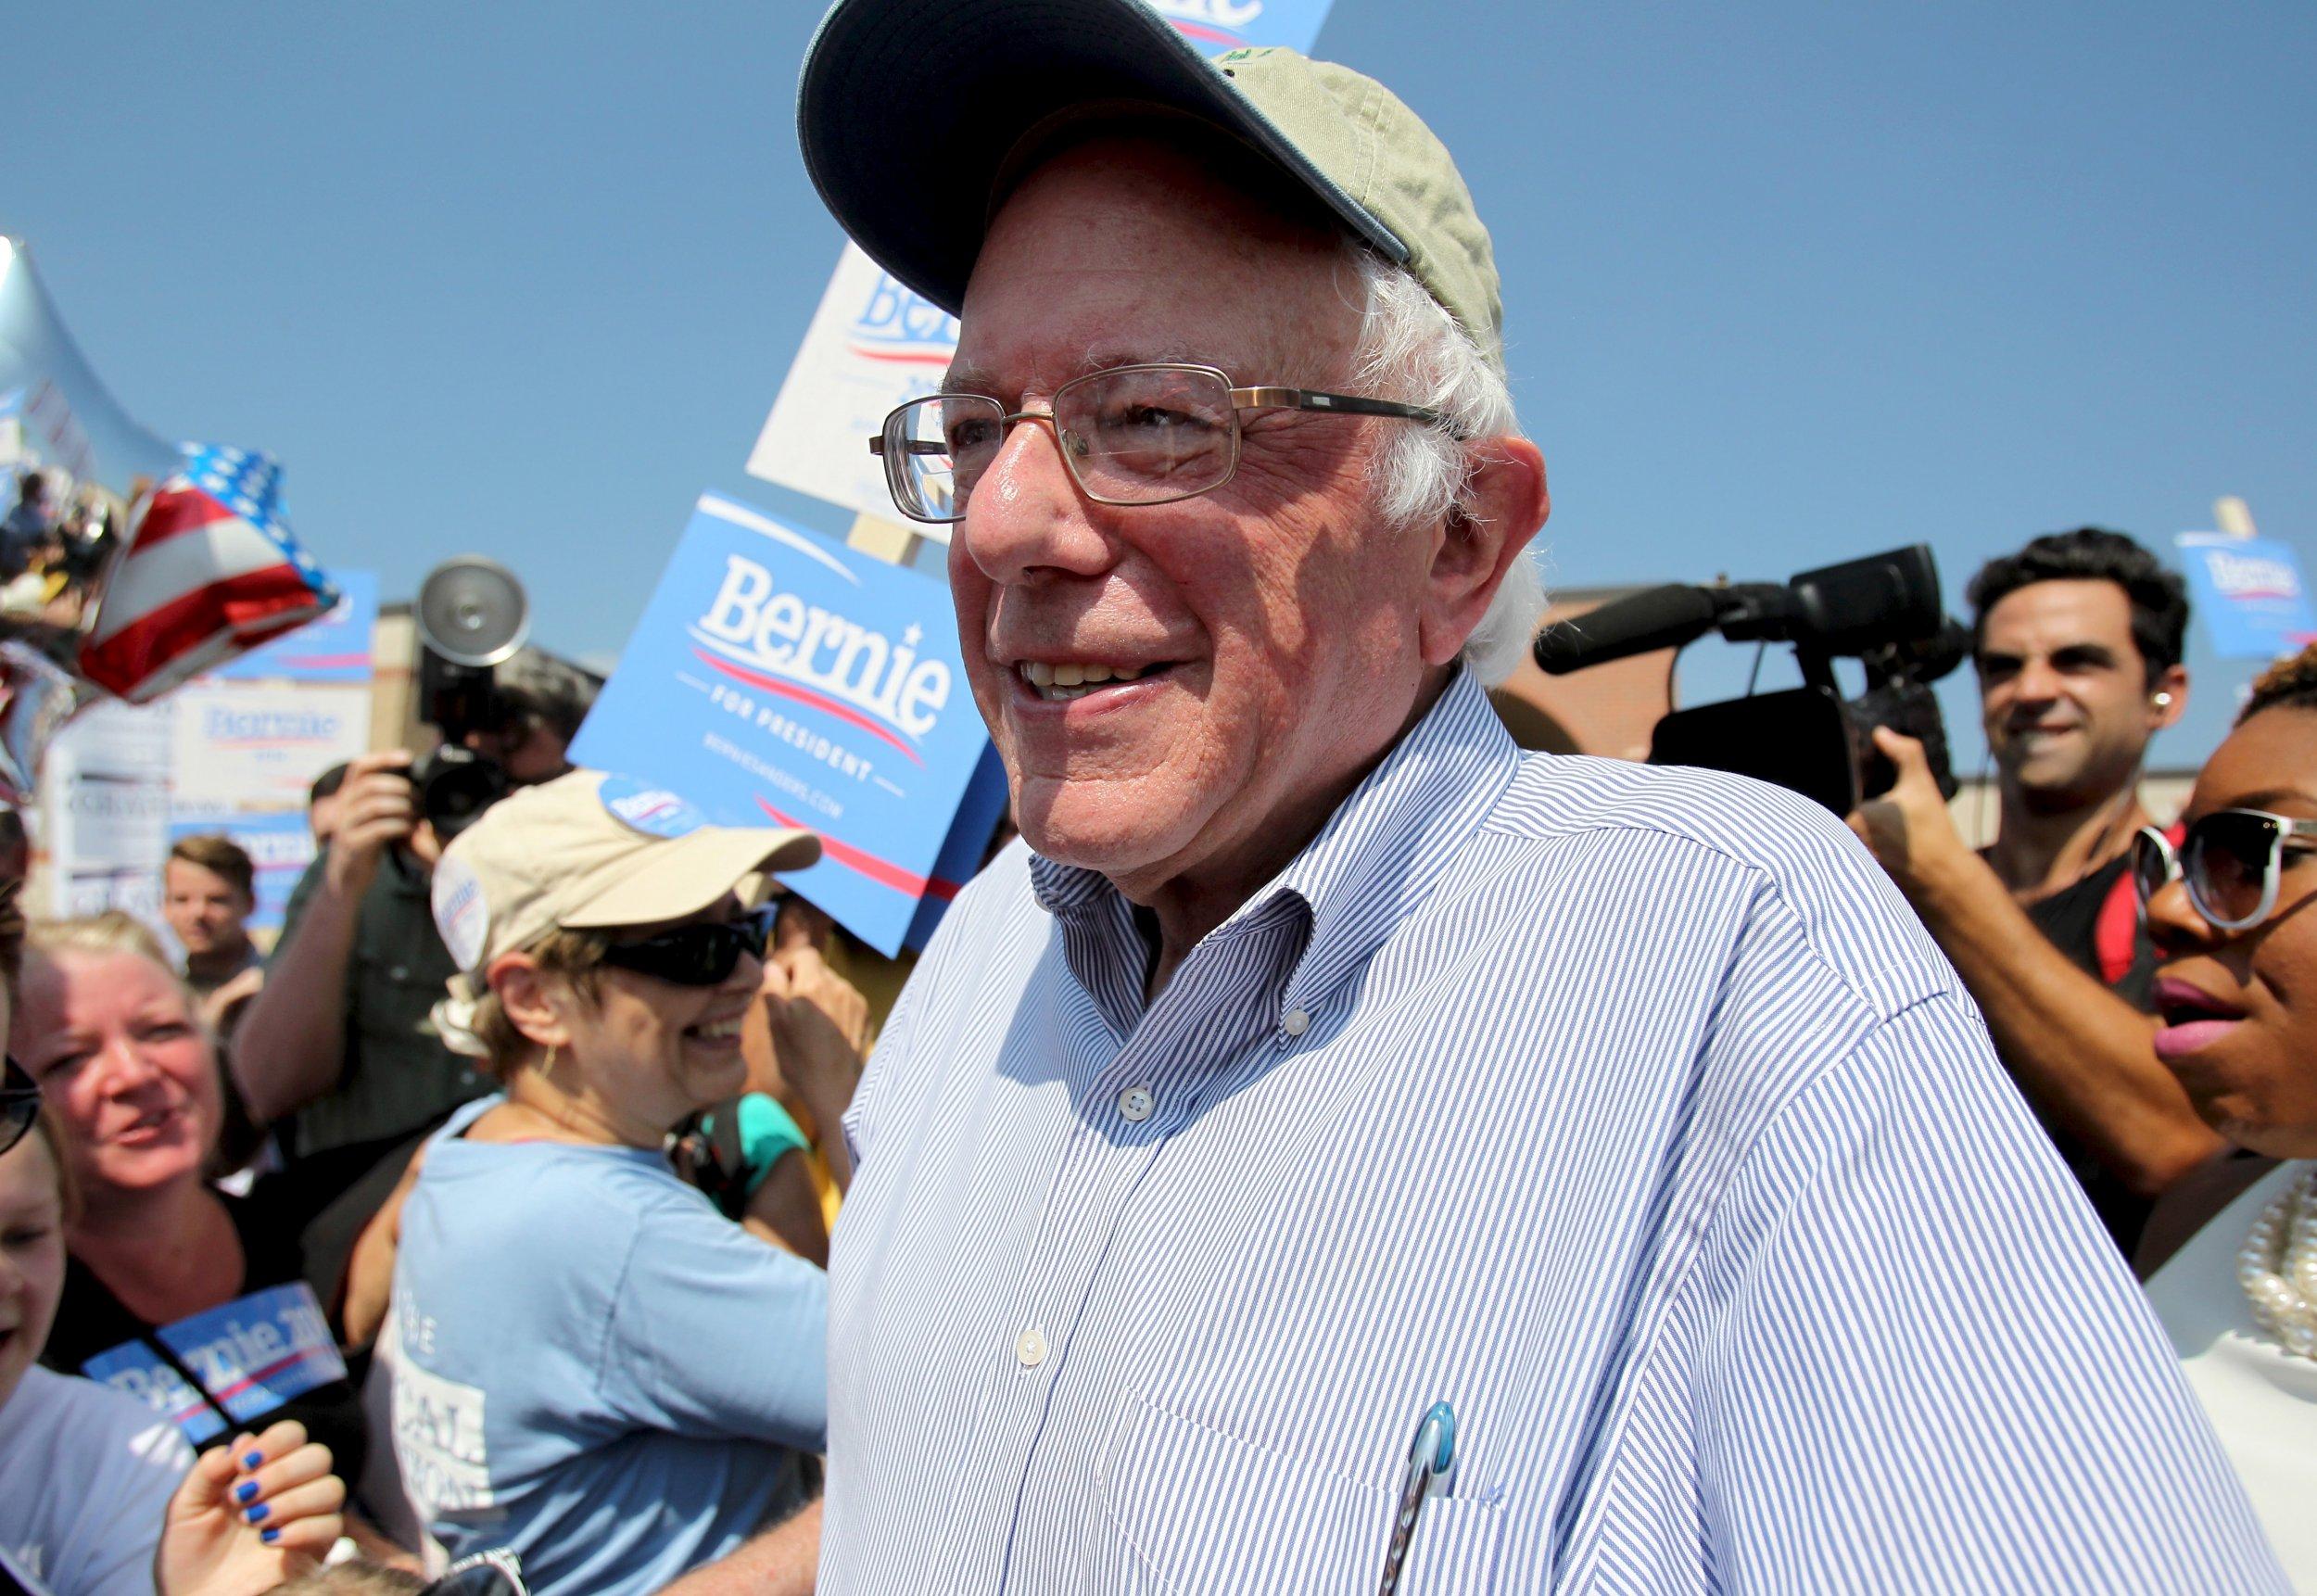 0910_Bernie_Sanders_poll_01